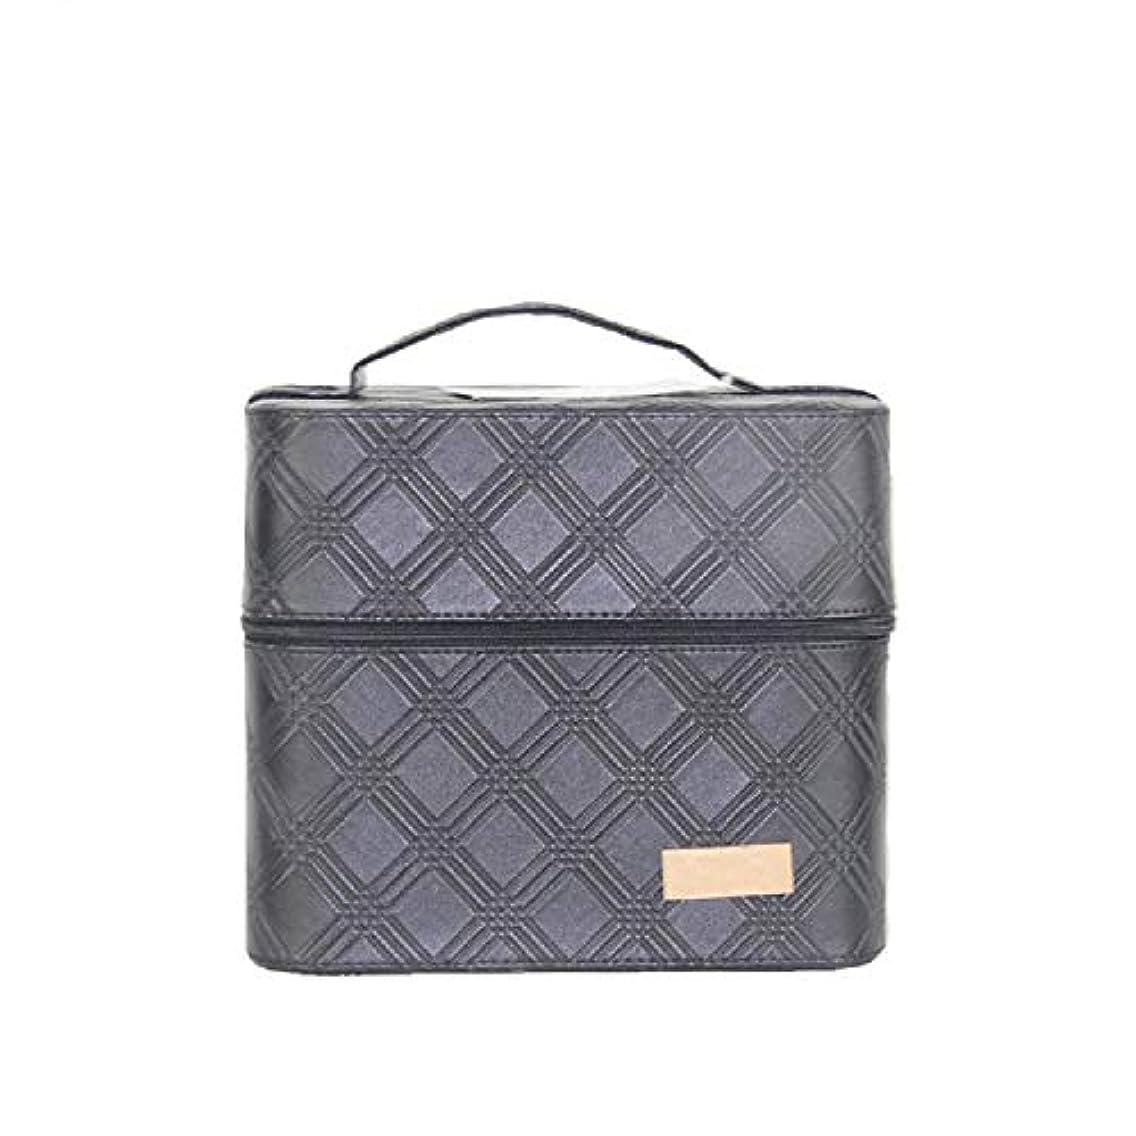 勃起穴明るくする化粧オーガナイザーバッグ ジッパーと2つのトレイで小さなものの種類の旅行のための美容メイクアップのための黒のポータブル化粧品バッグ 化粧品ケース